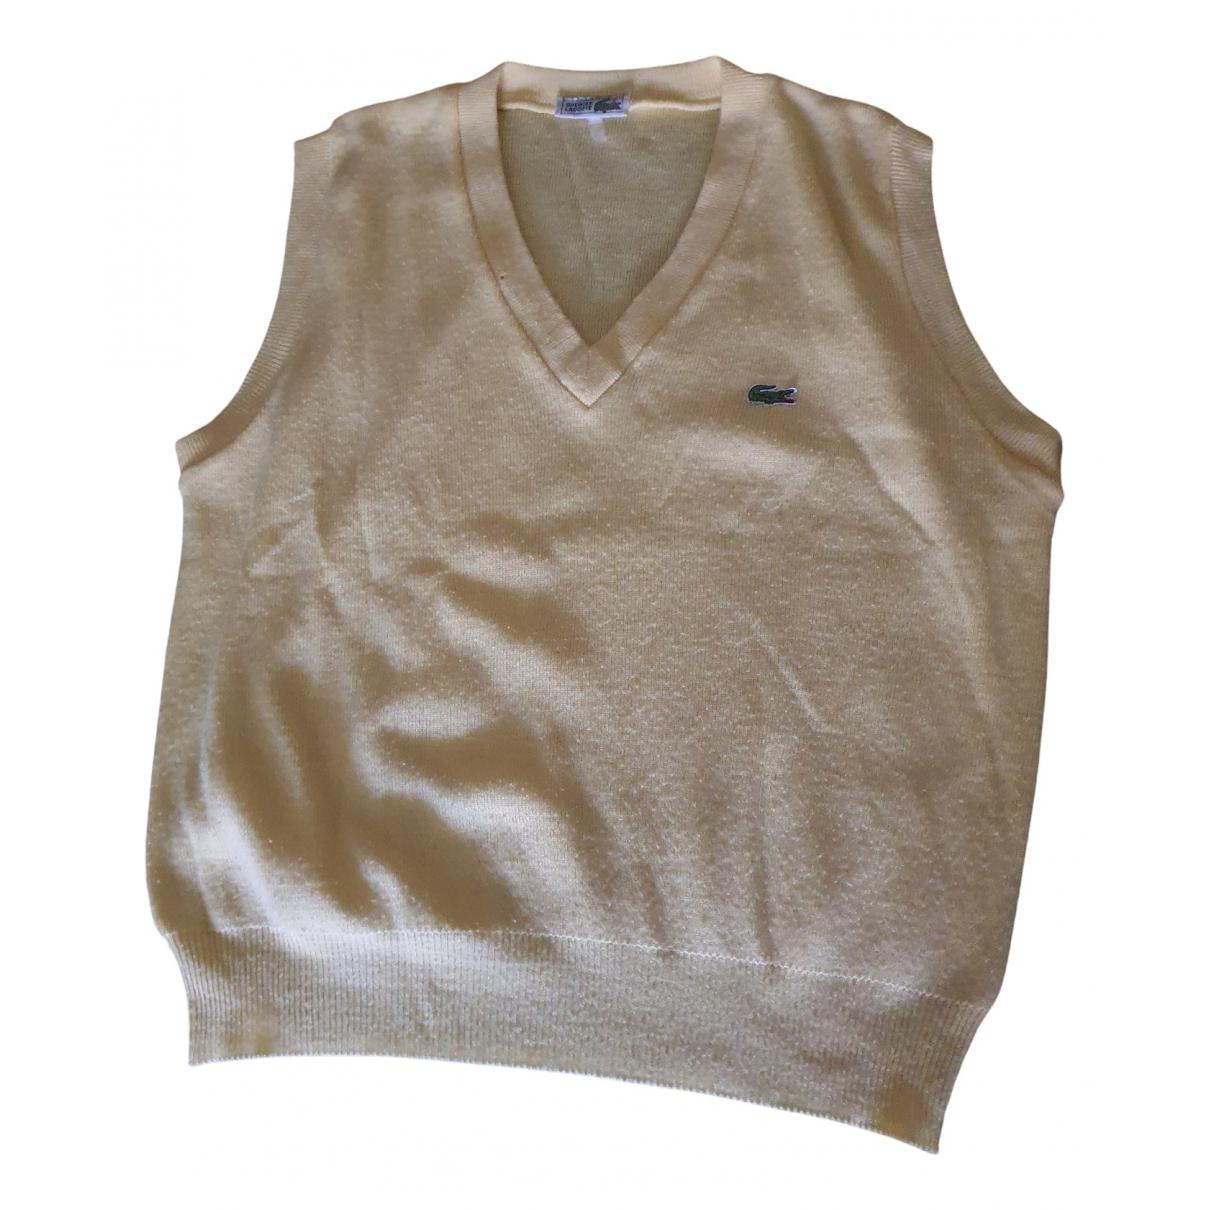 Lacoste - Pulls.Gilets.Sweats   pour homme en laine - beige